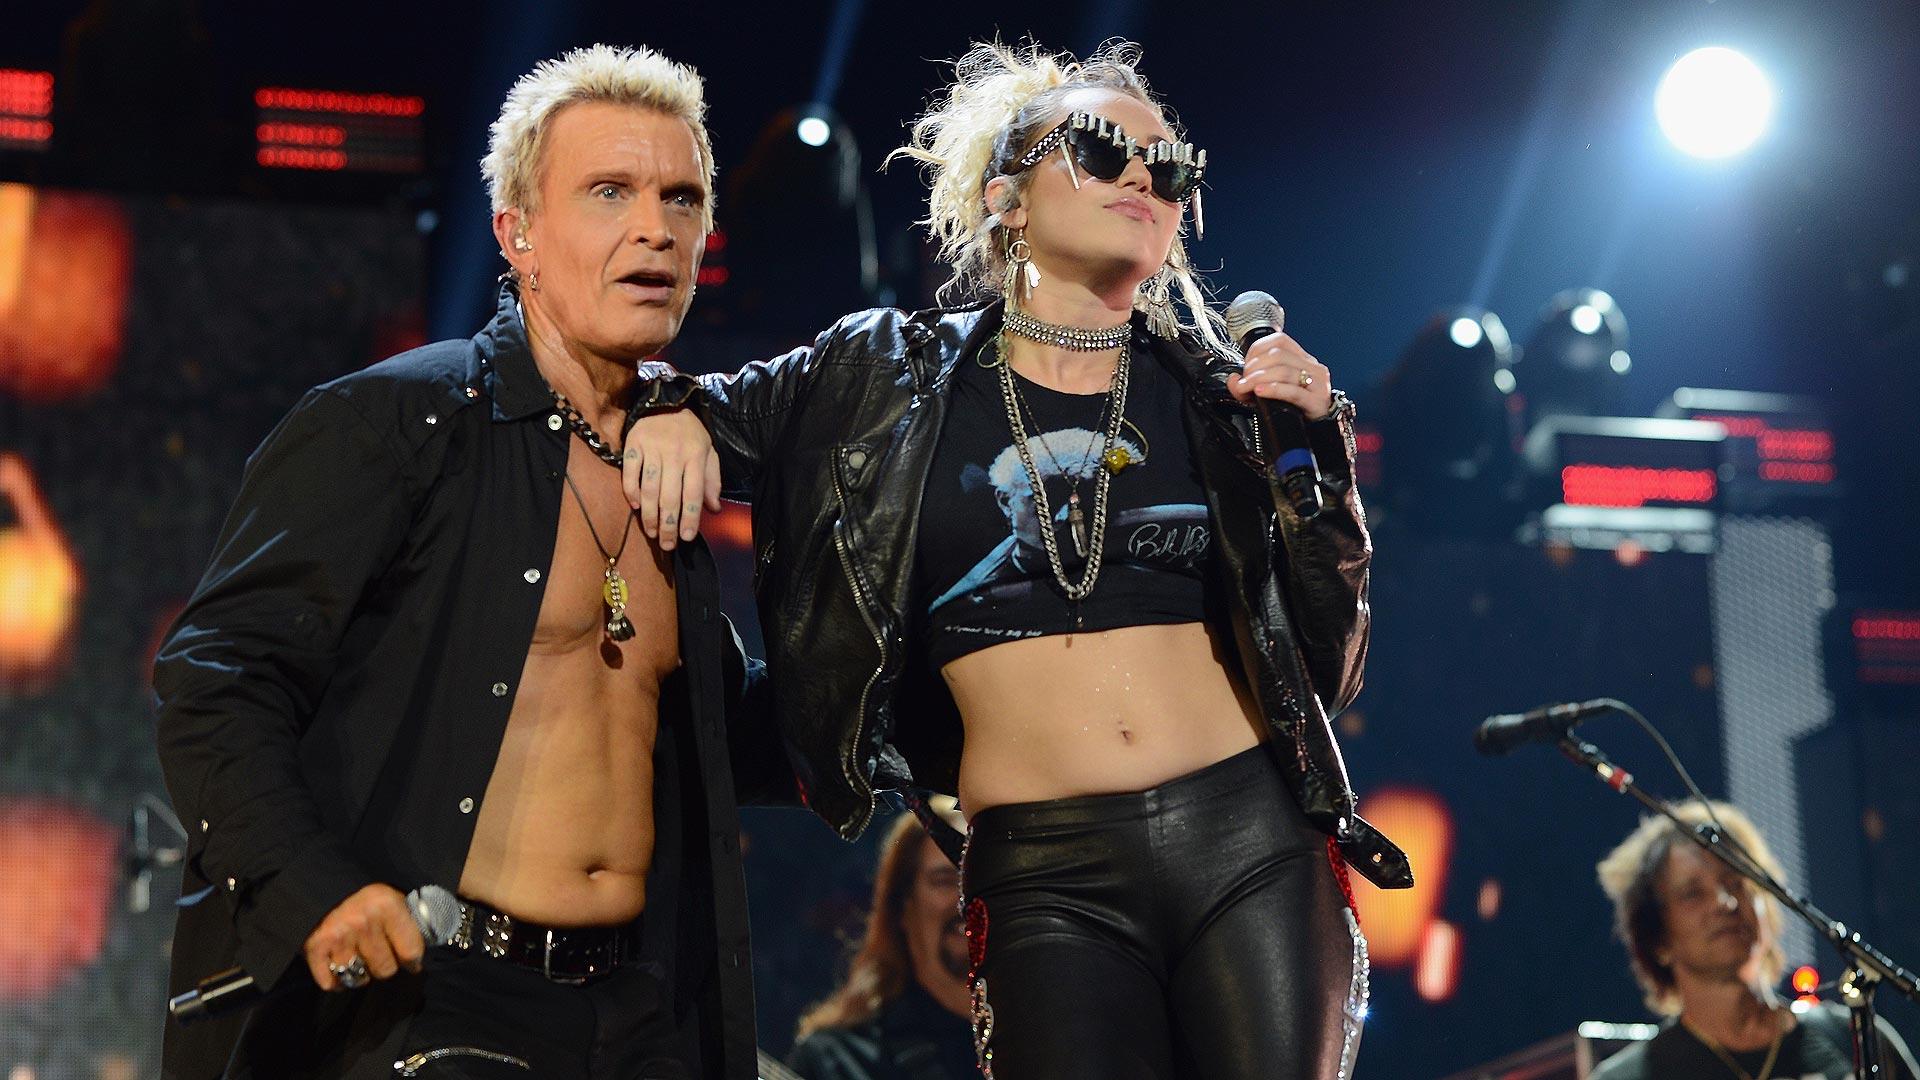 Billy Idol und Miley Cyrus standen gemeinsam auf der Bühne.